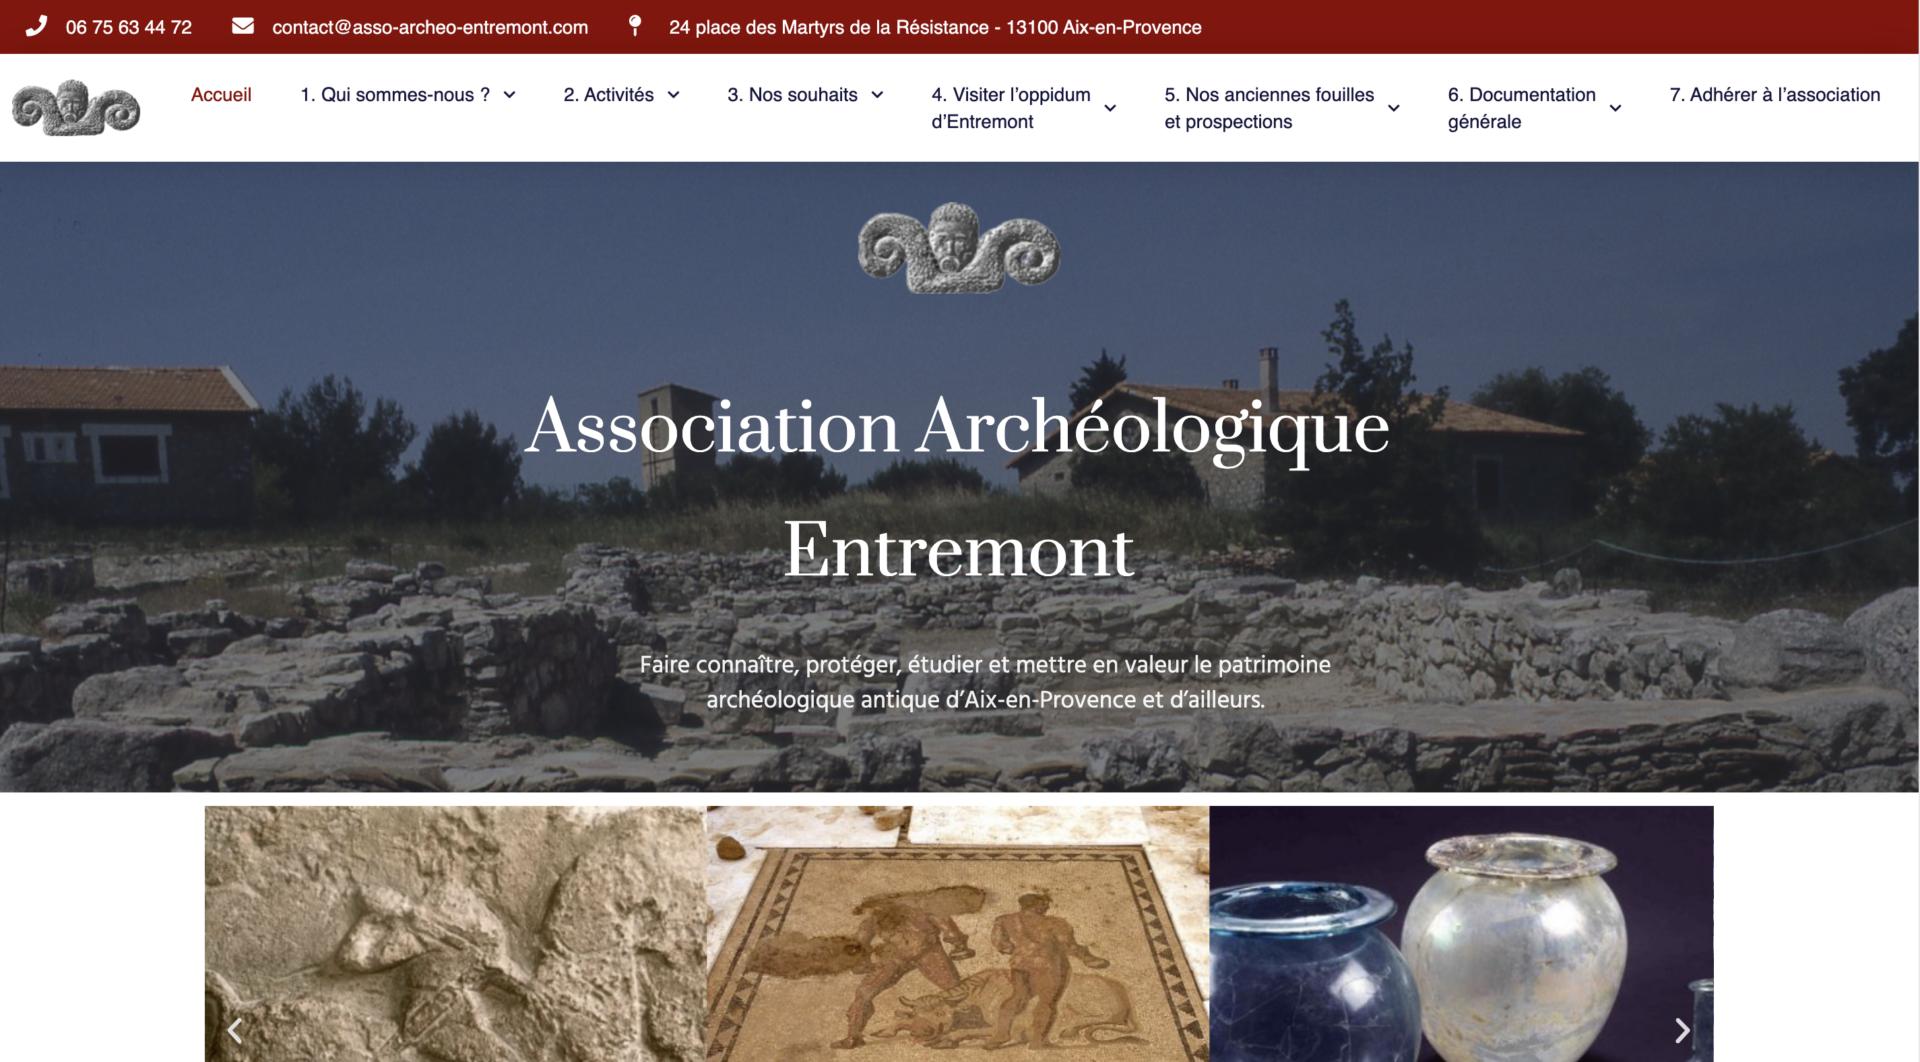 Association Archéologique d'Entremont - Création site internet